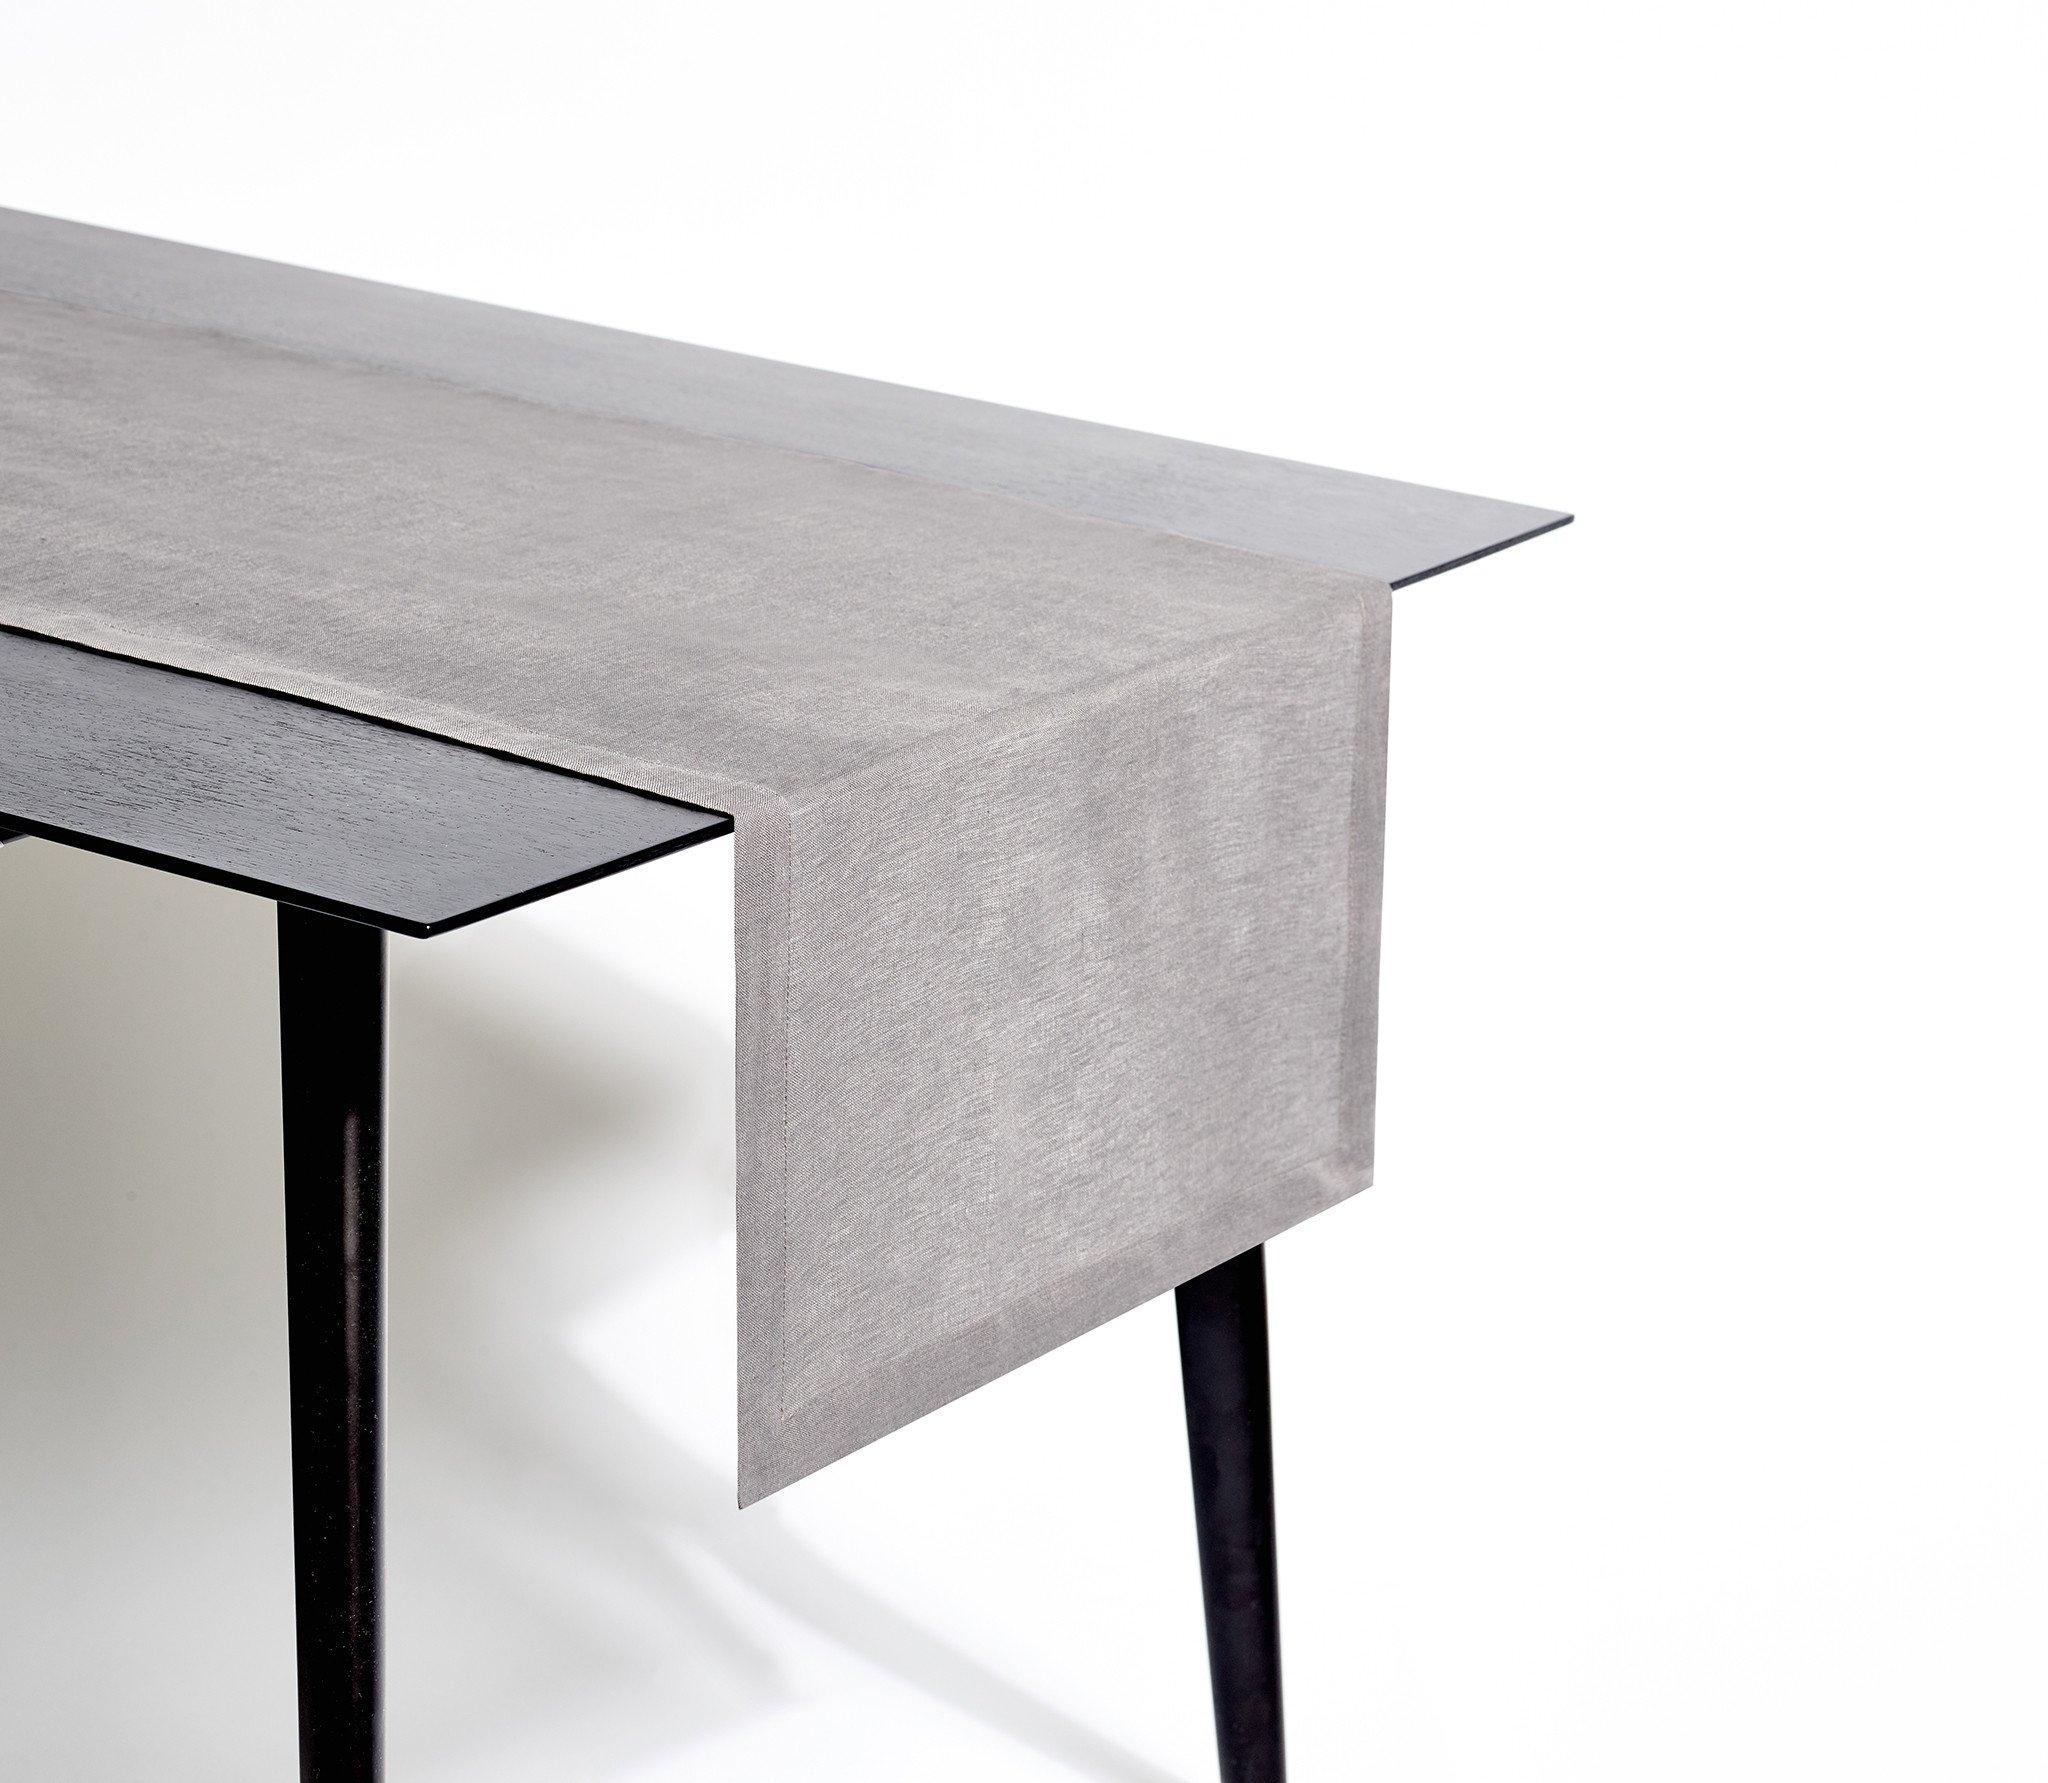 Madison Art Center Design: Grey Chevron Table Runner Plastic